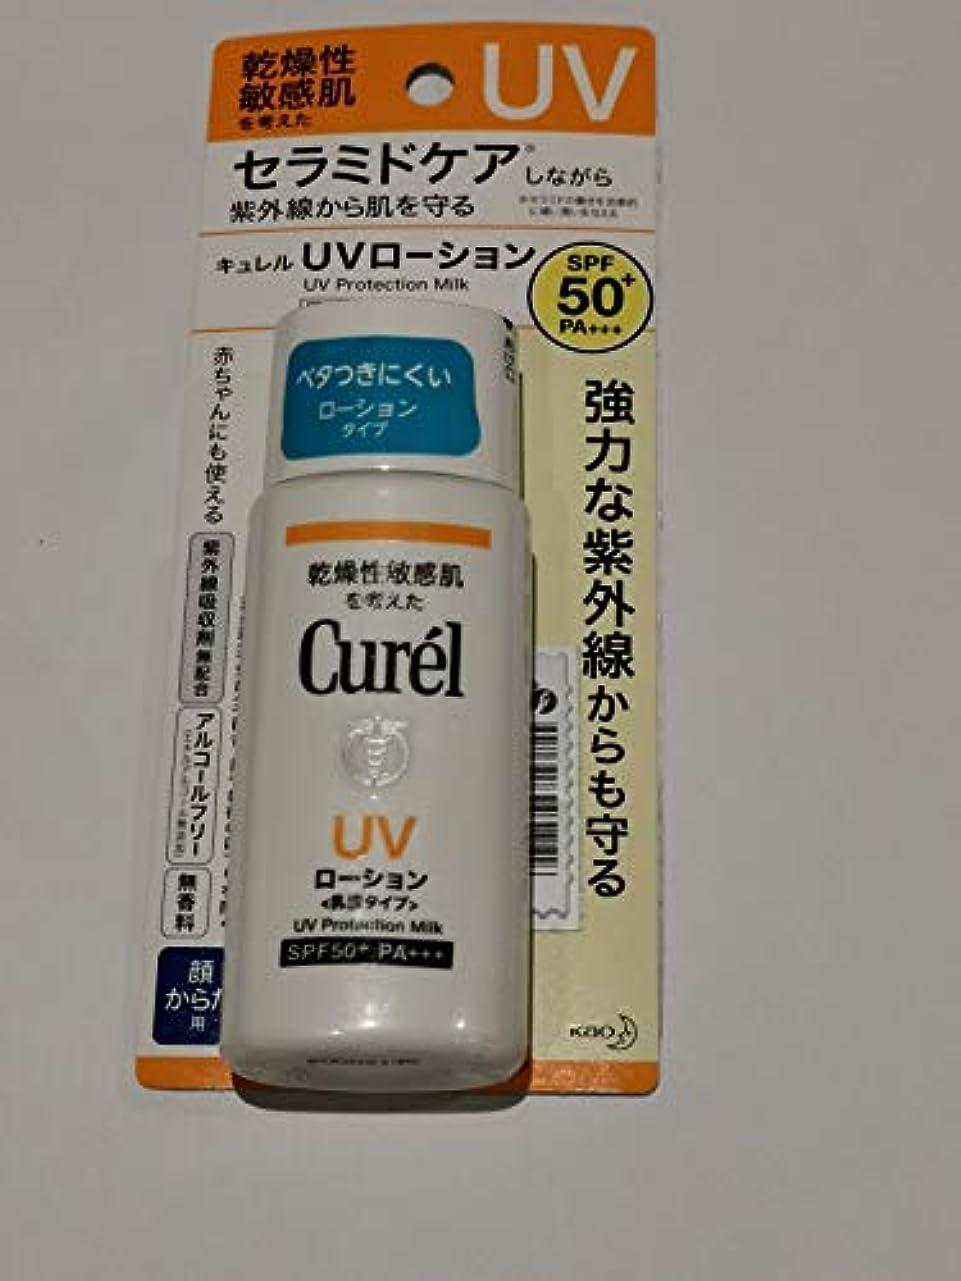 代理店愛撫致命的Curél 牛乳のキュレルUVプロテクションフェースSPF5060のグラム - 紫外線による肌の赤みや炎症を軽減しながらUVに対する長期的な保護は、最強の光線